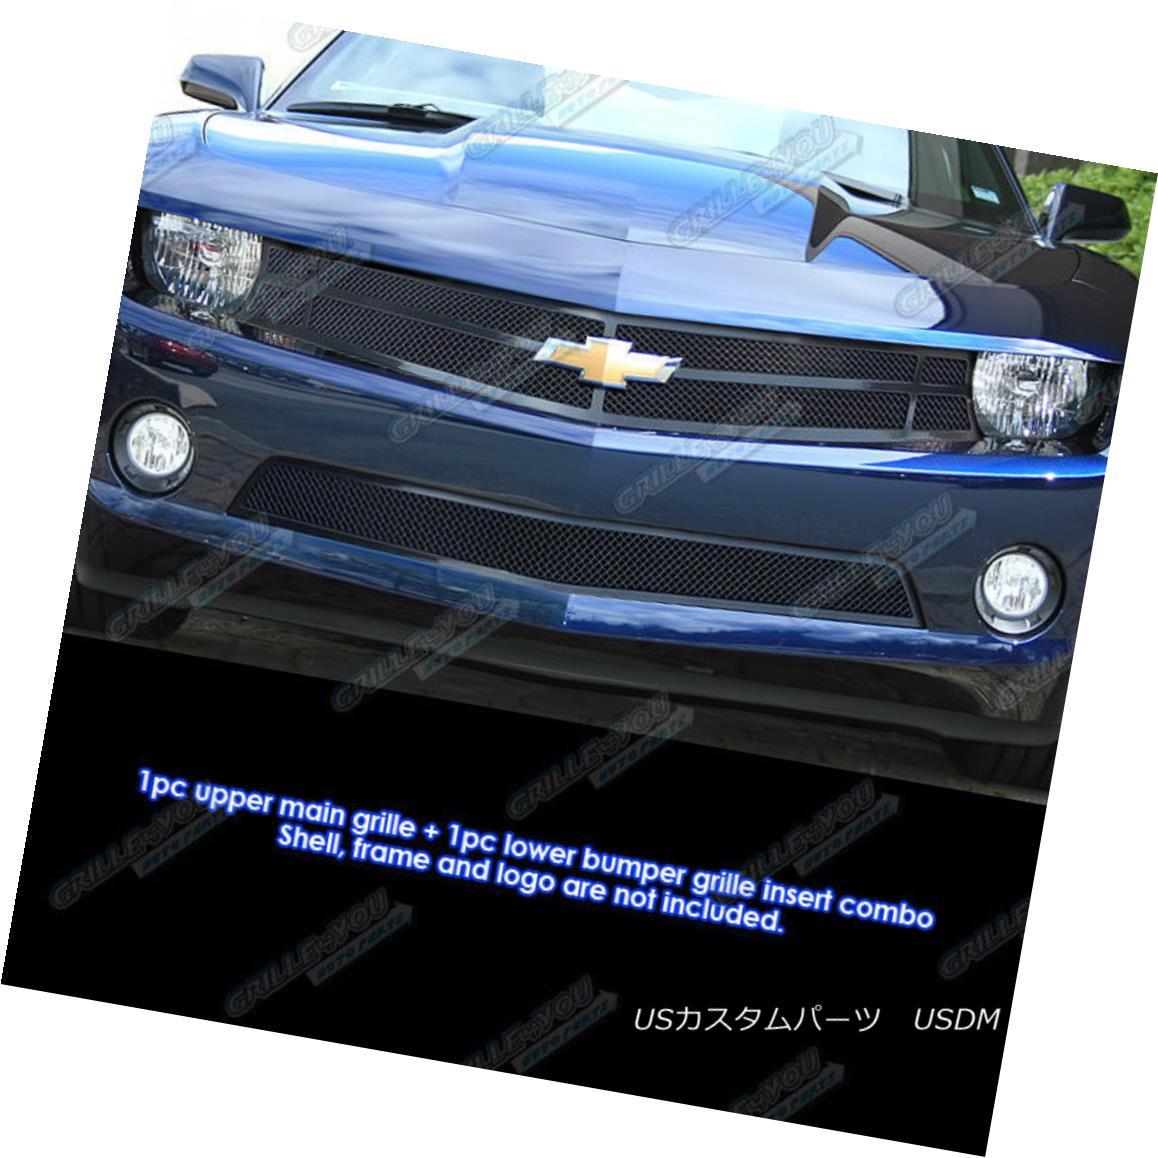 グリル Fits 2010-2013 Chevy Camaro LT/LS V6 Black Mesh Grille Grill Logo Show Combo フィット2010年から2013年シボレーカマロLT / LS V6ブラックメッシュグリルグリルロゴショーコンボ